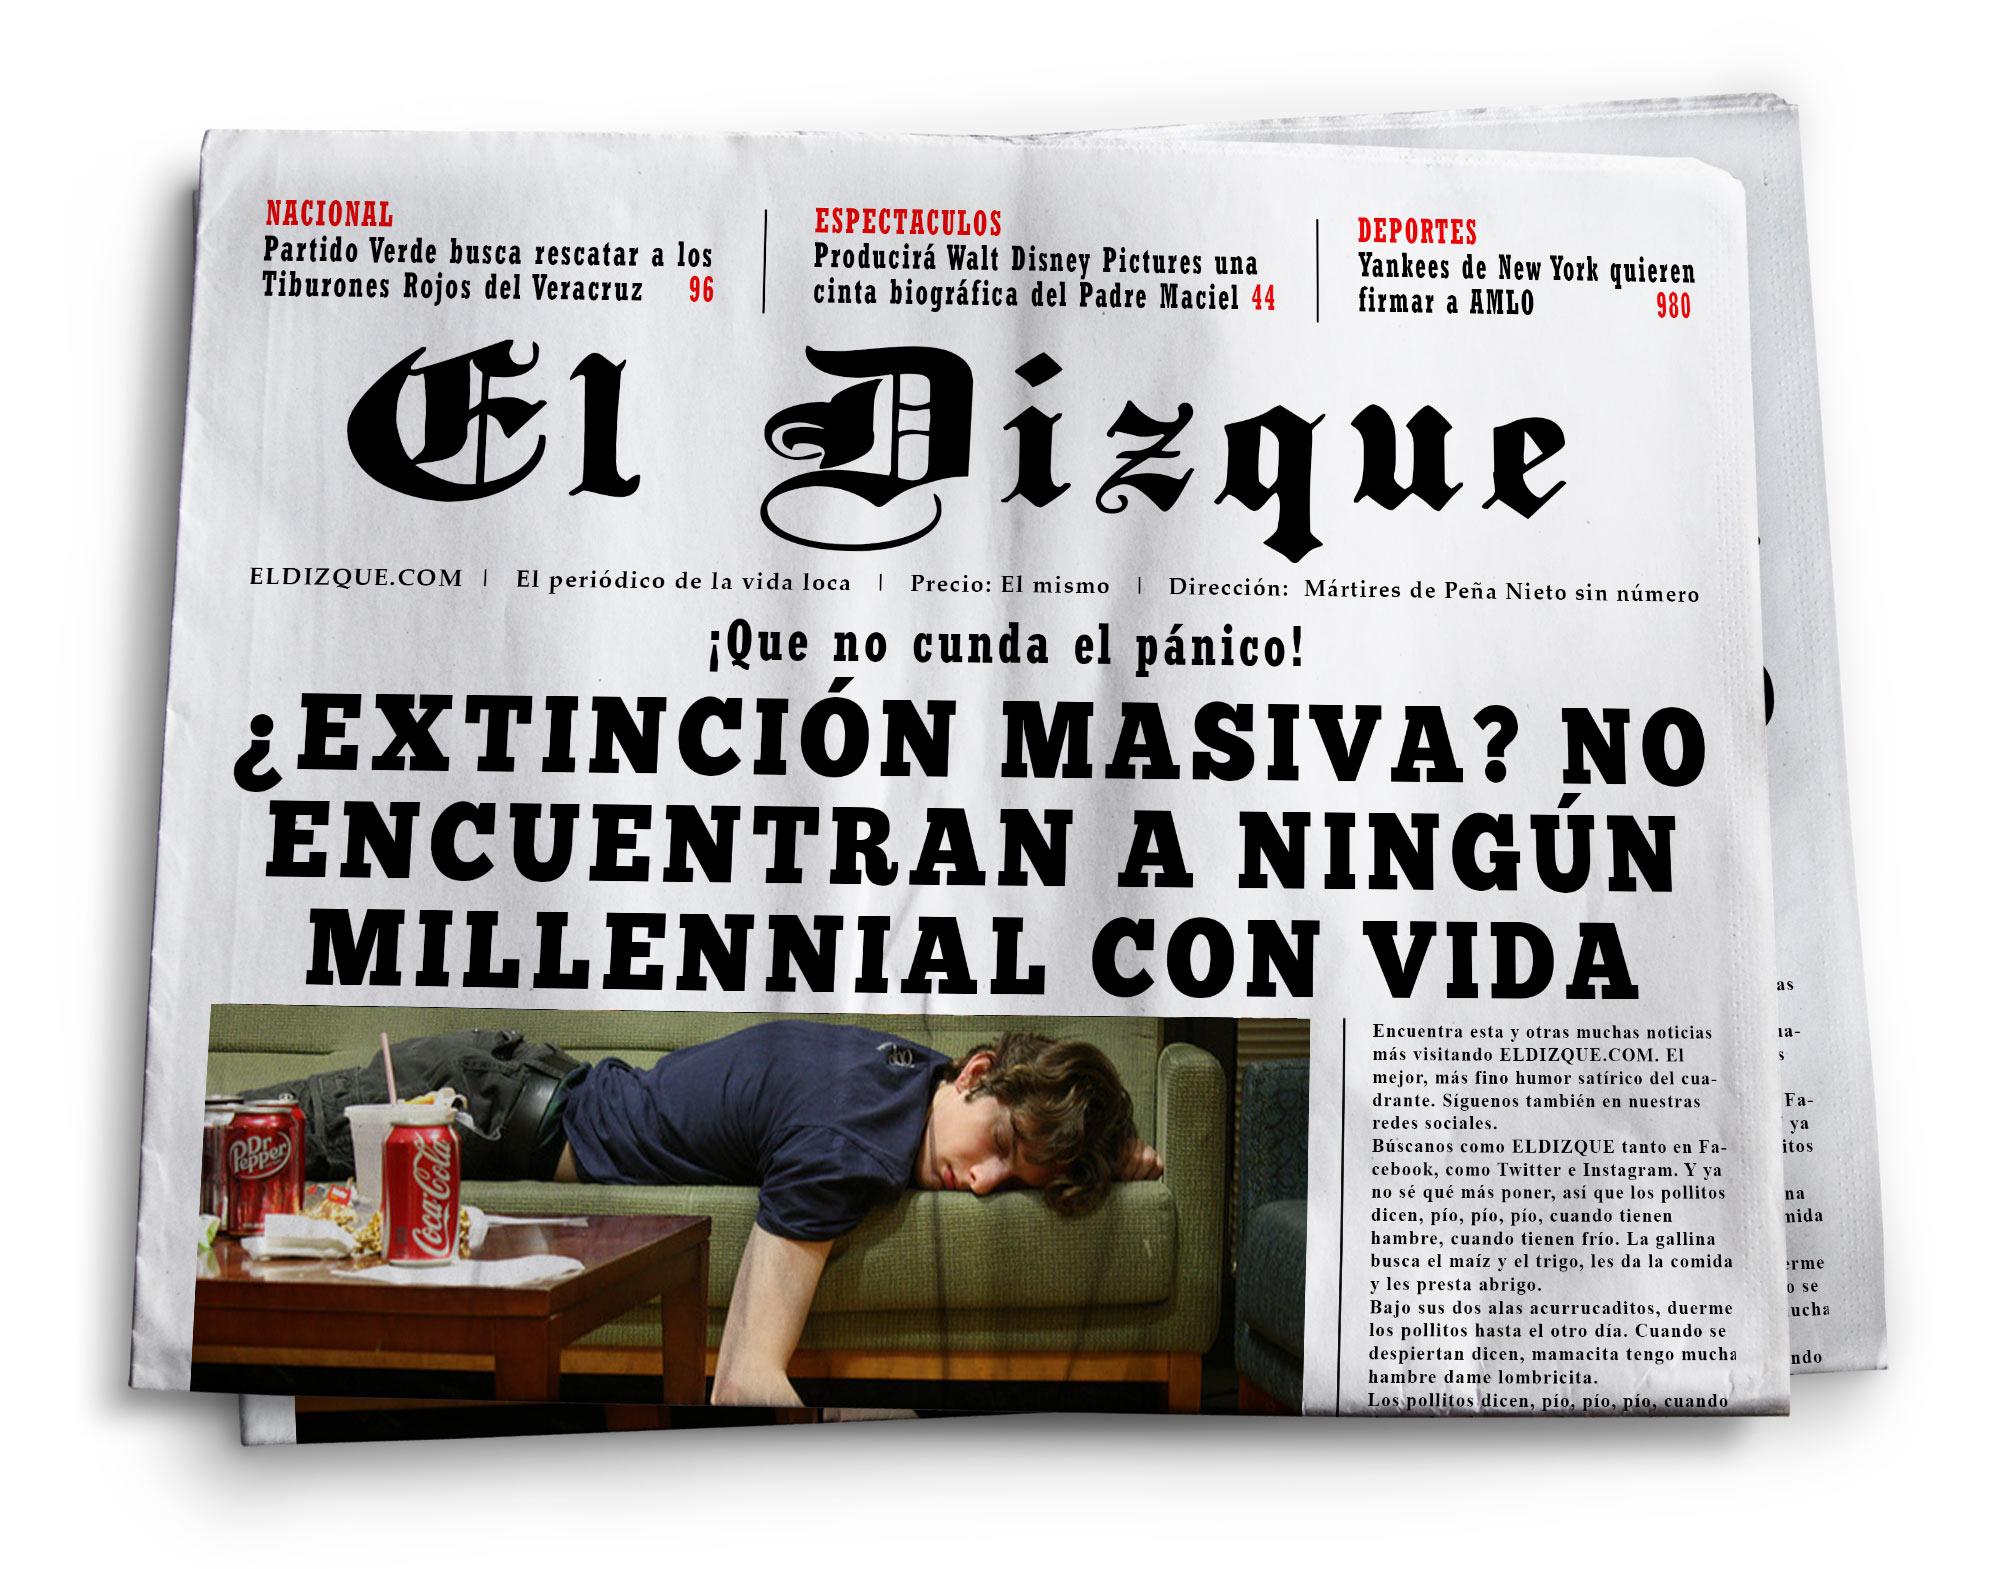 ¿Extinción masiva? No encuentran a ningún Millennial con vida